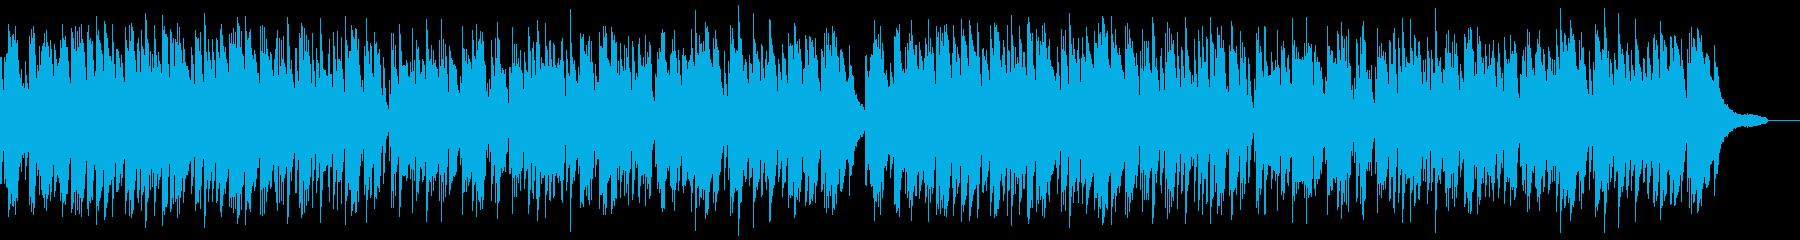 幻想的な、切なく温かなピアノソロの再生済みの波形